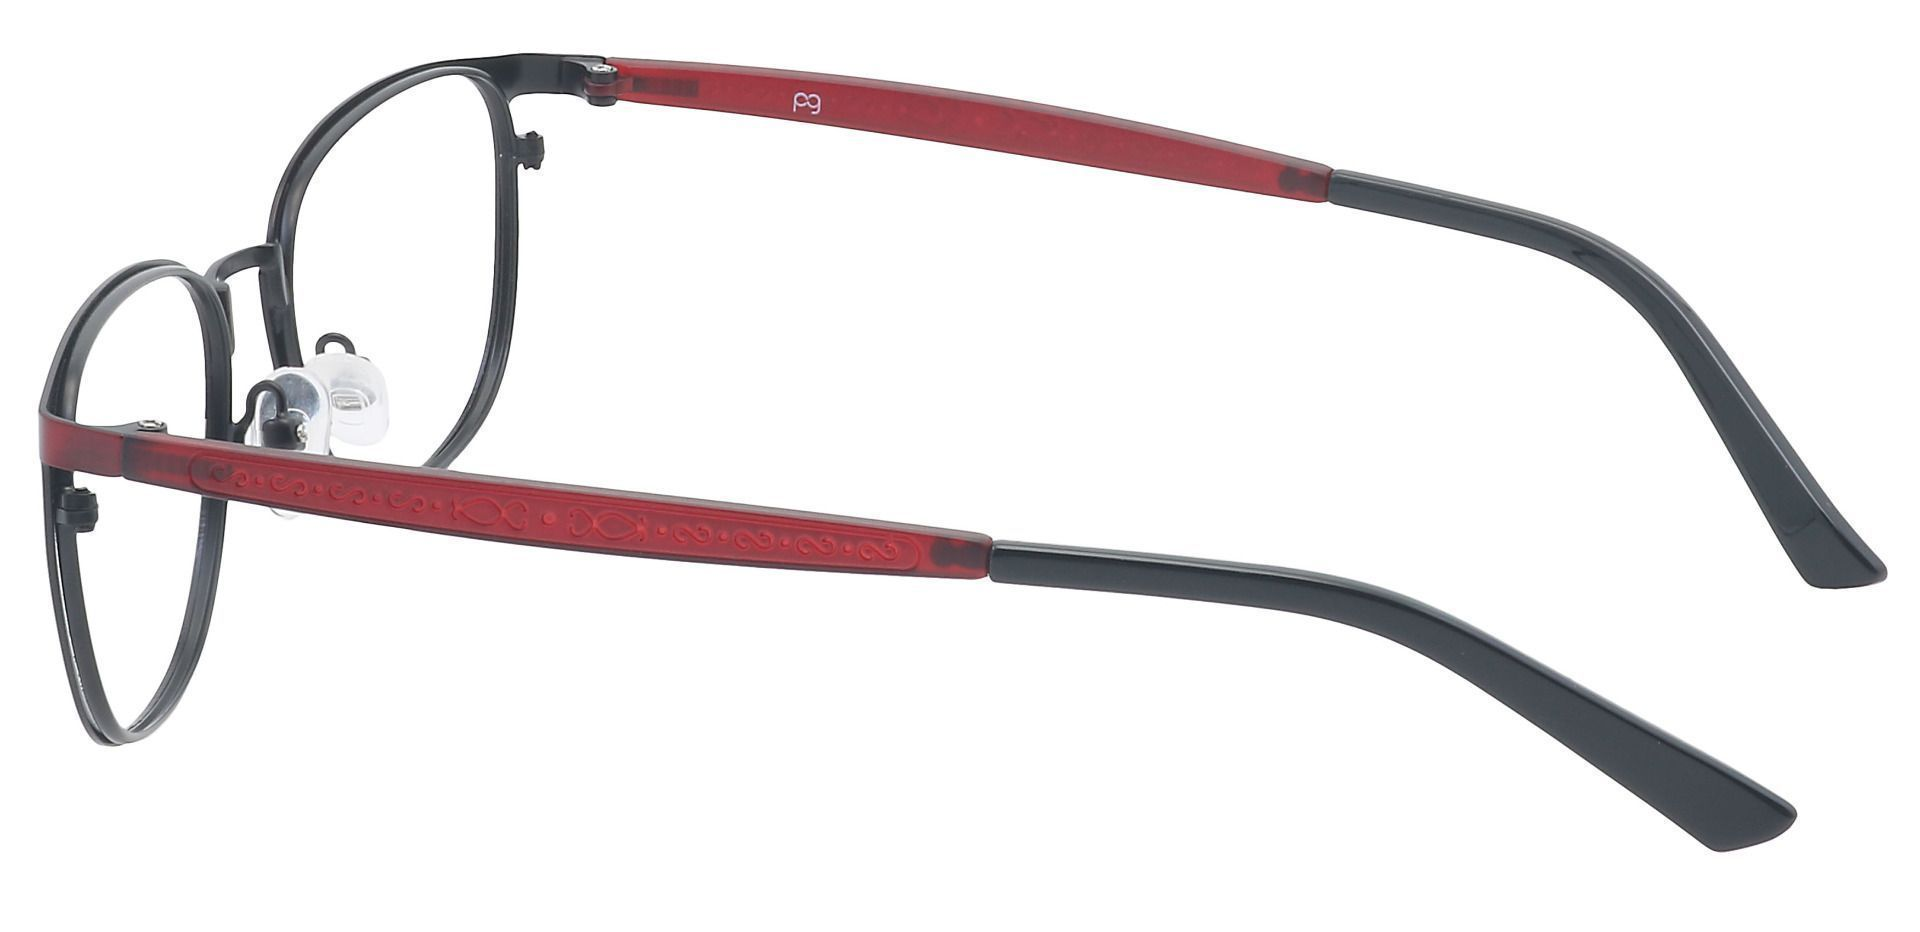 Sailor Square Eyeglasses Frame - Red